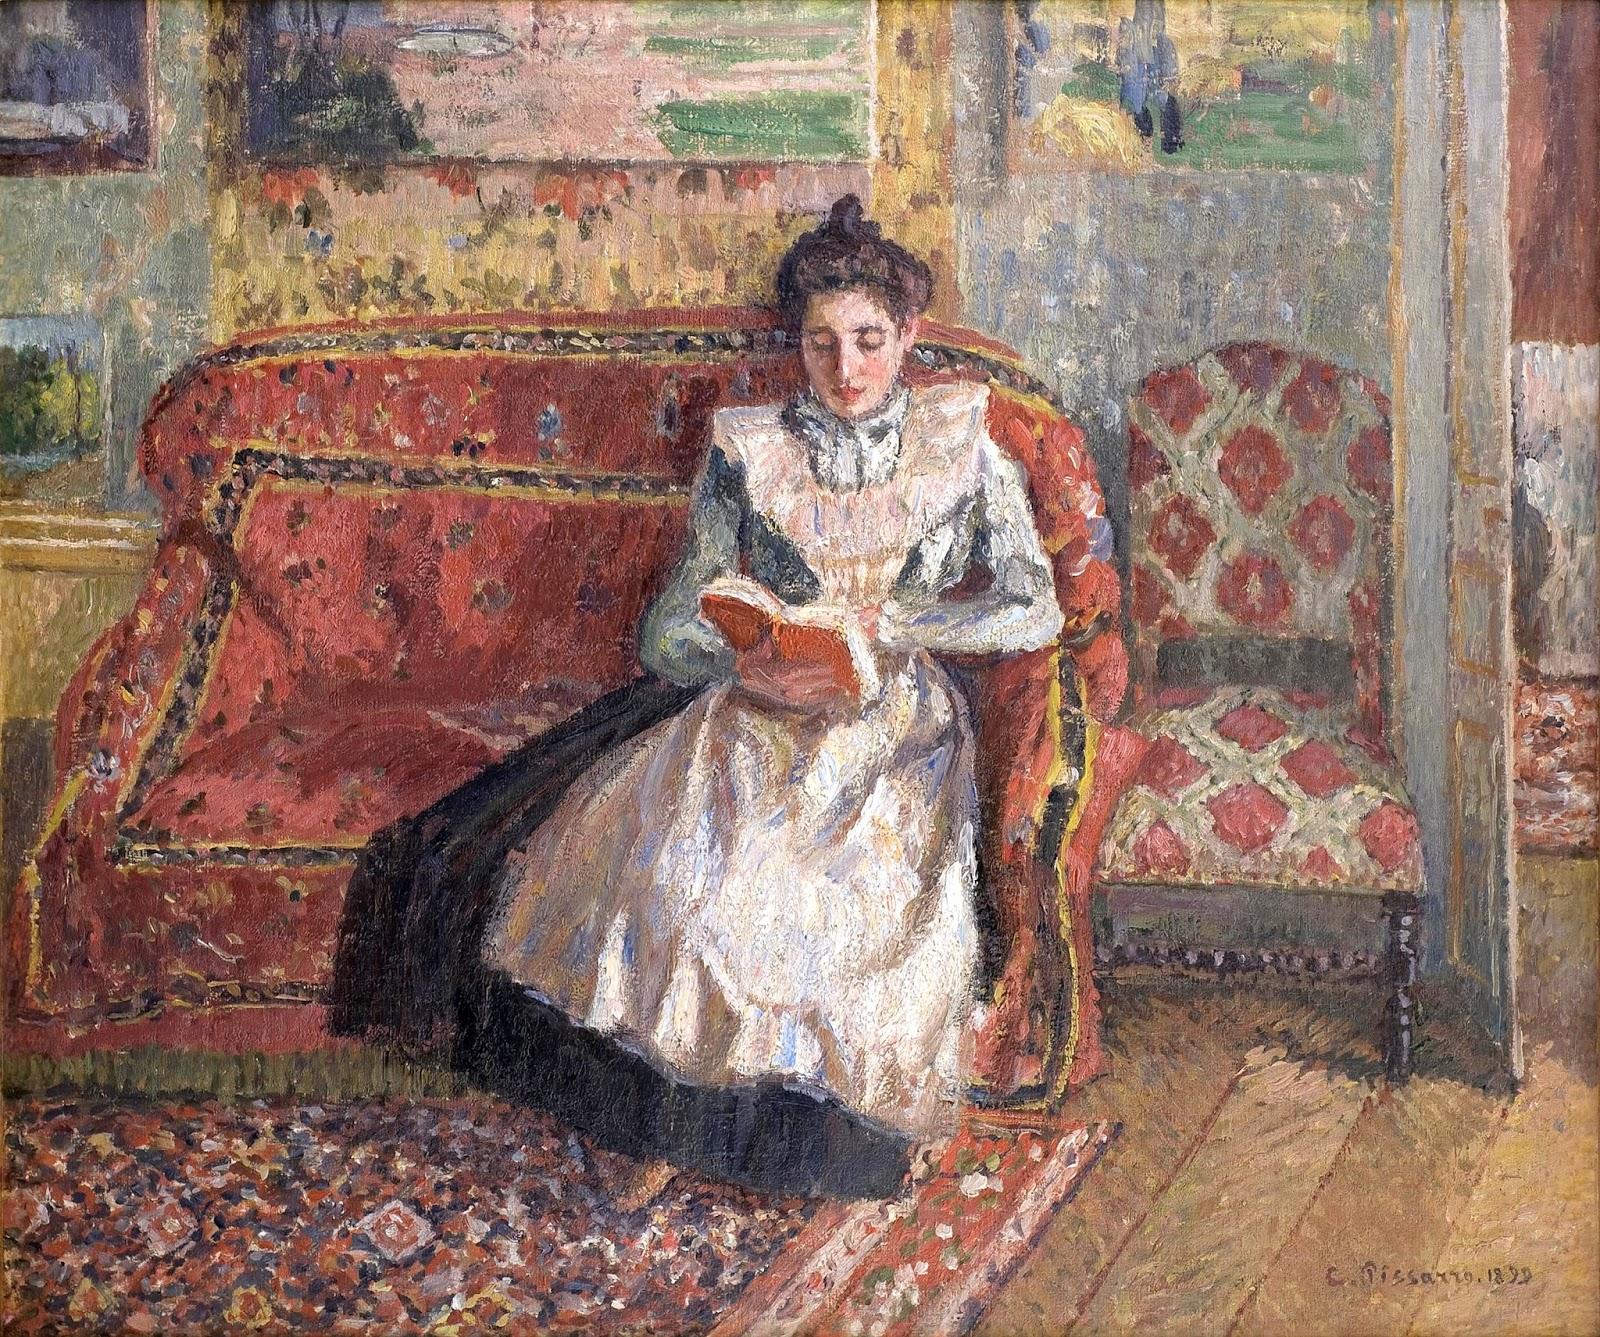 Retrato de Jeanne Pissarro leyendo, 1899_Camille Pissarro